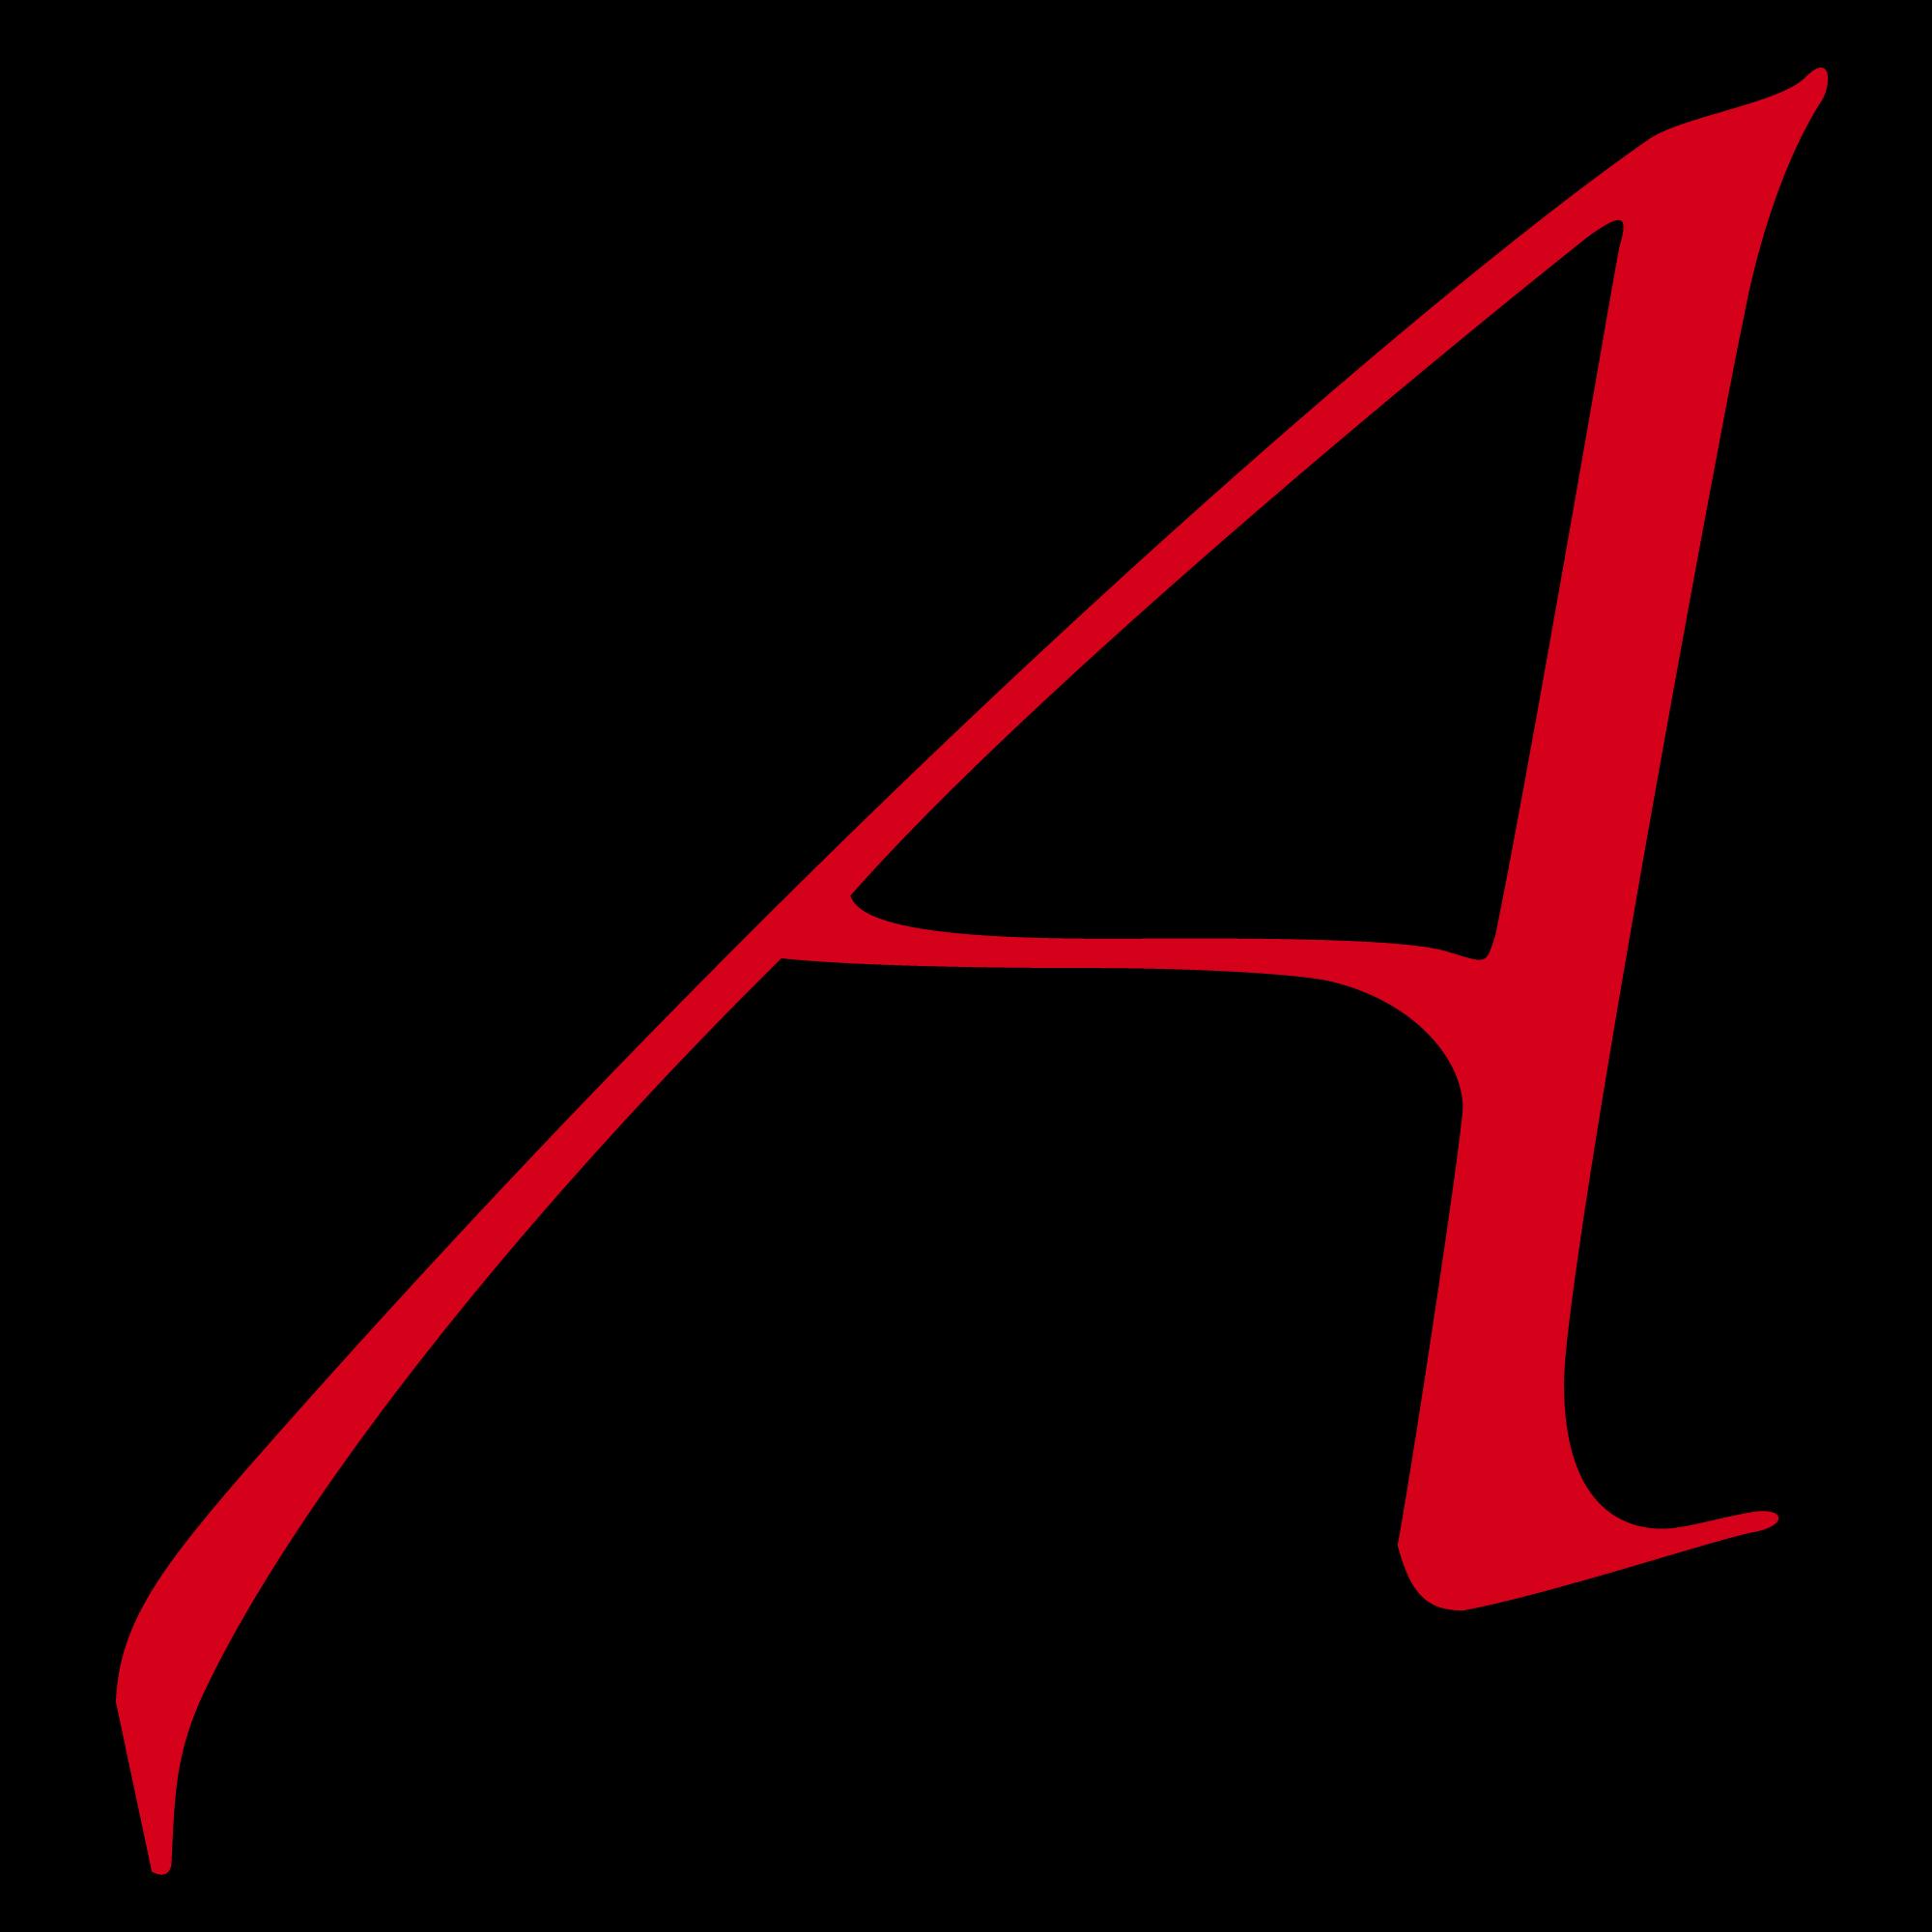 The Atheist Logo